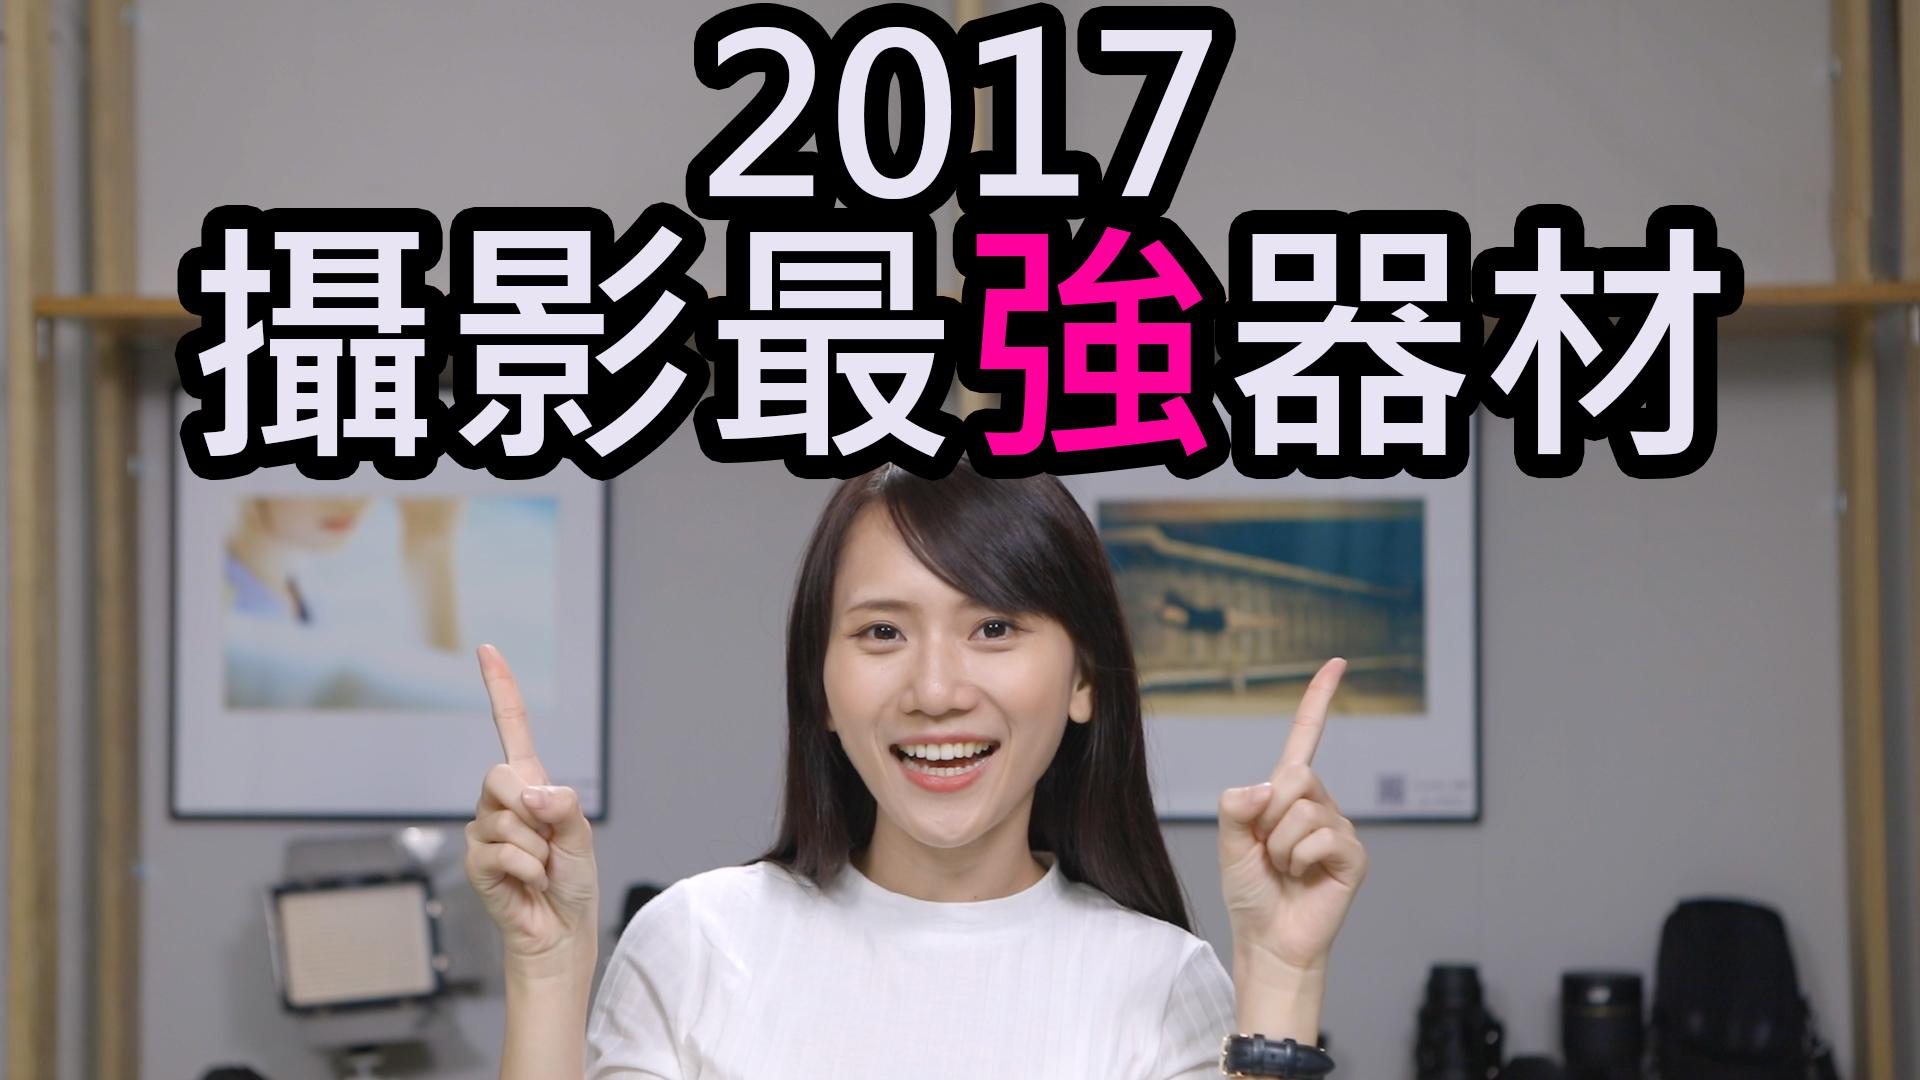 攝影新視野 拉拉 封面 2017器材展.jpg